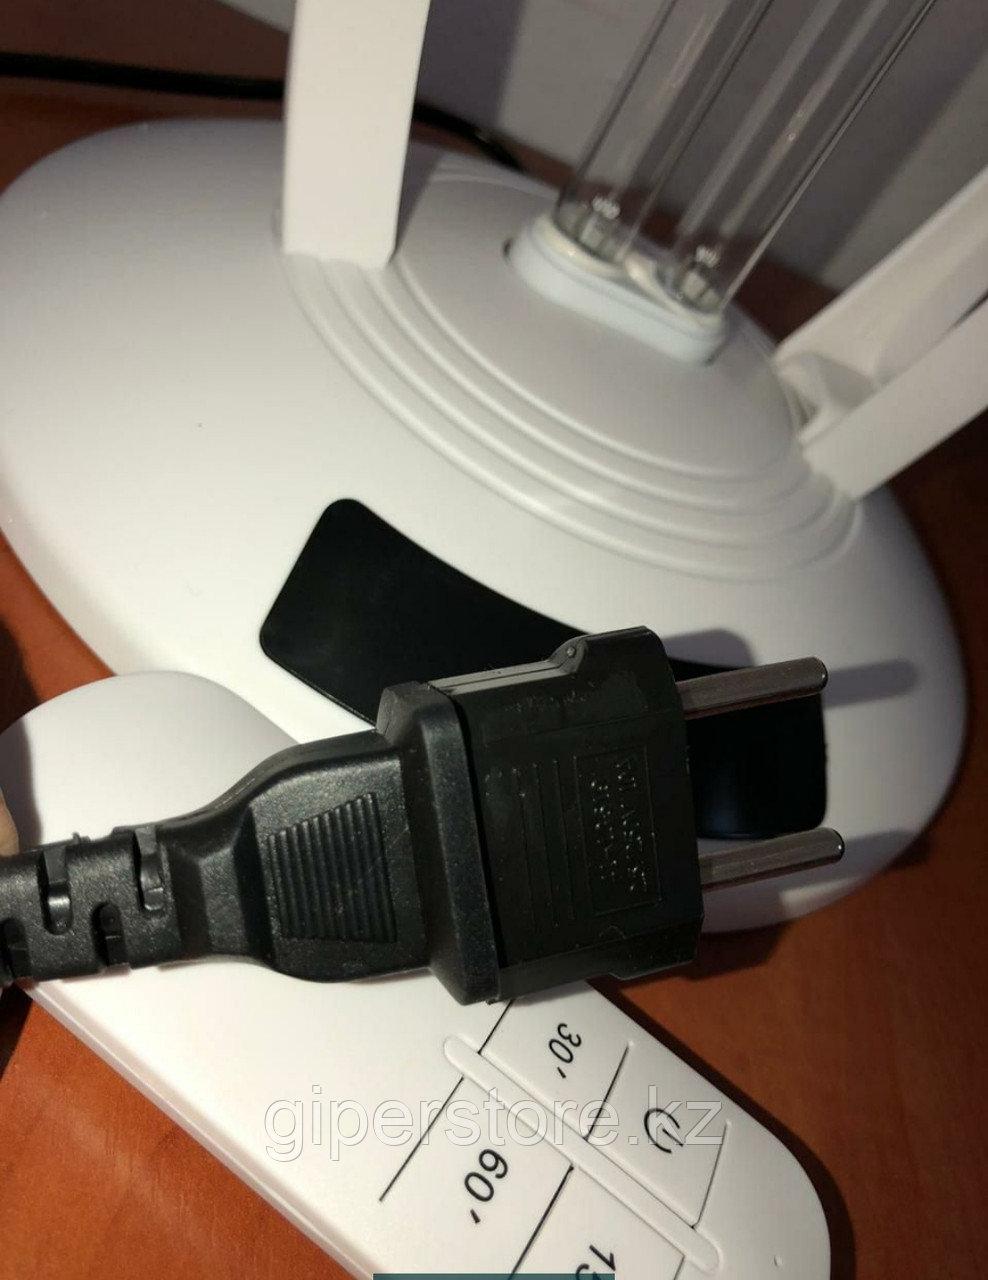 Кварцевая лампа для обеззараживания помещений, бактерицидная настольная лампа с пультом управления.